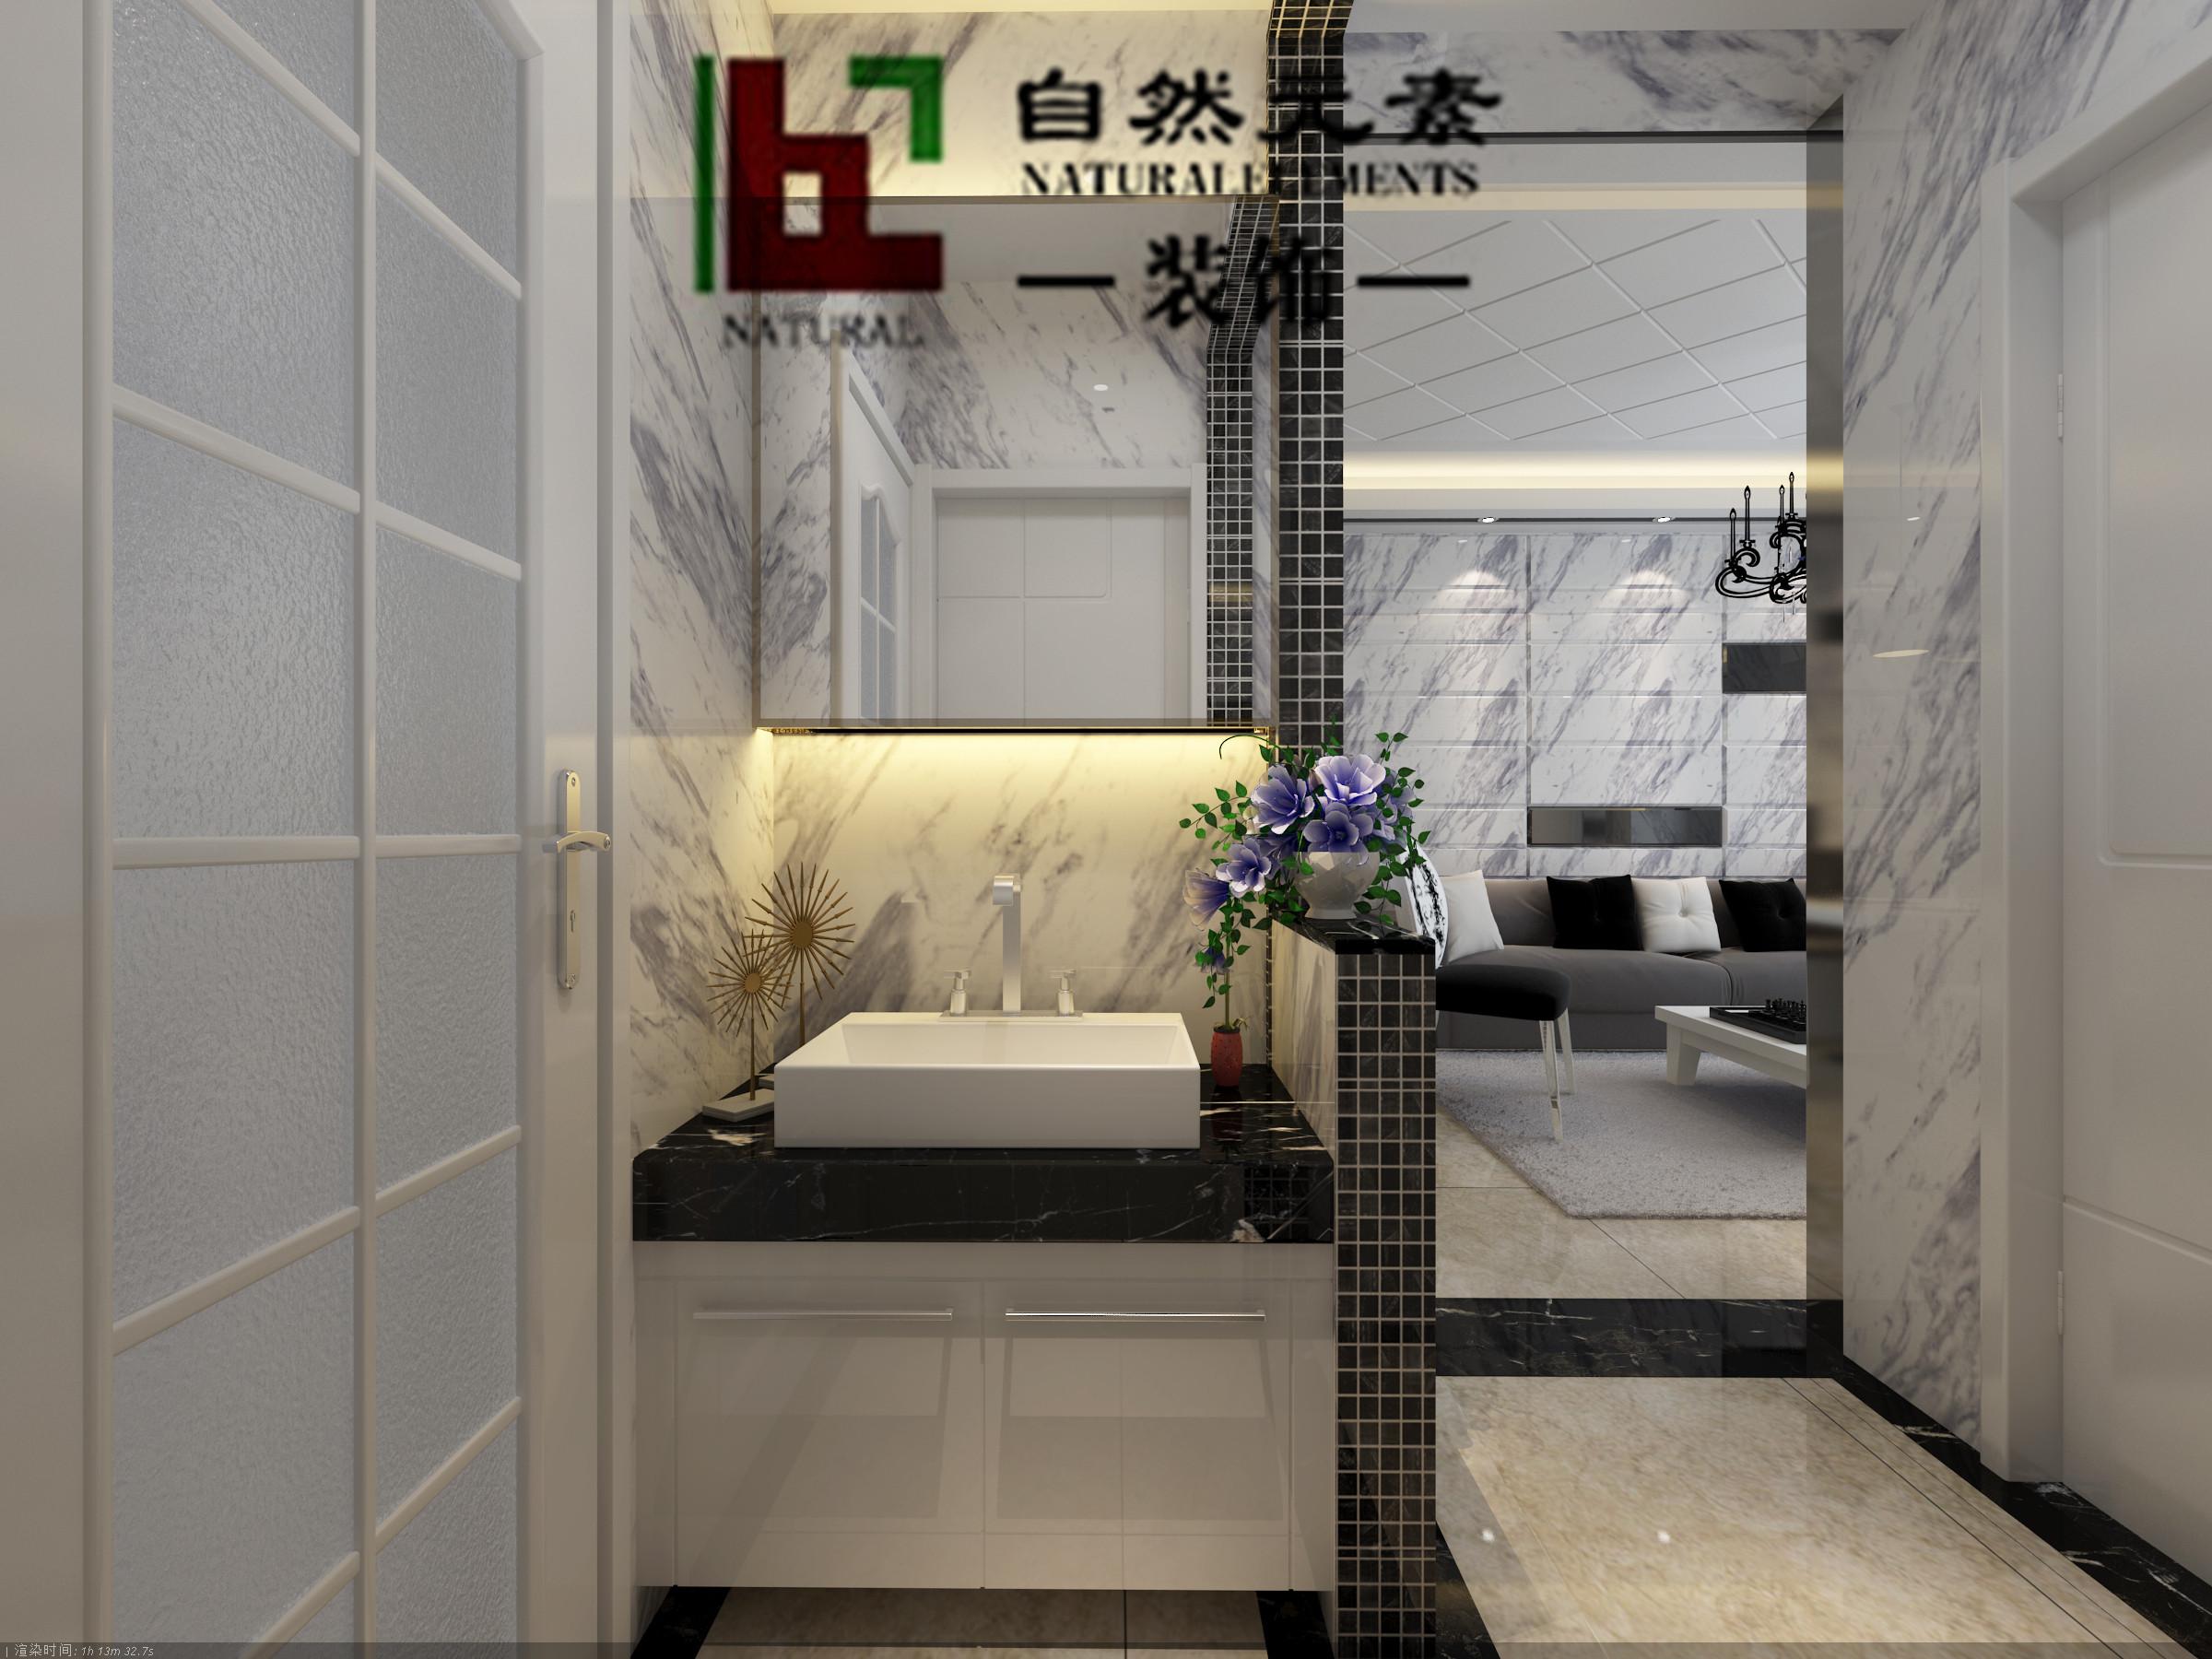 自然元素 廊桥国际 三居室 小资 旧房改造 卫生间图片来自马晓丹在廊桥国际的分享